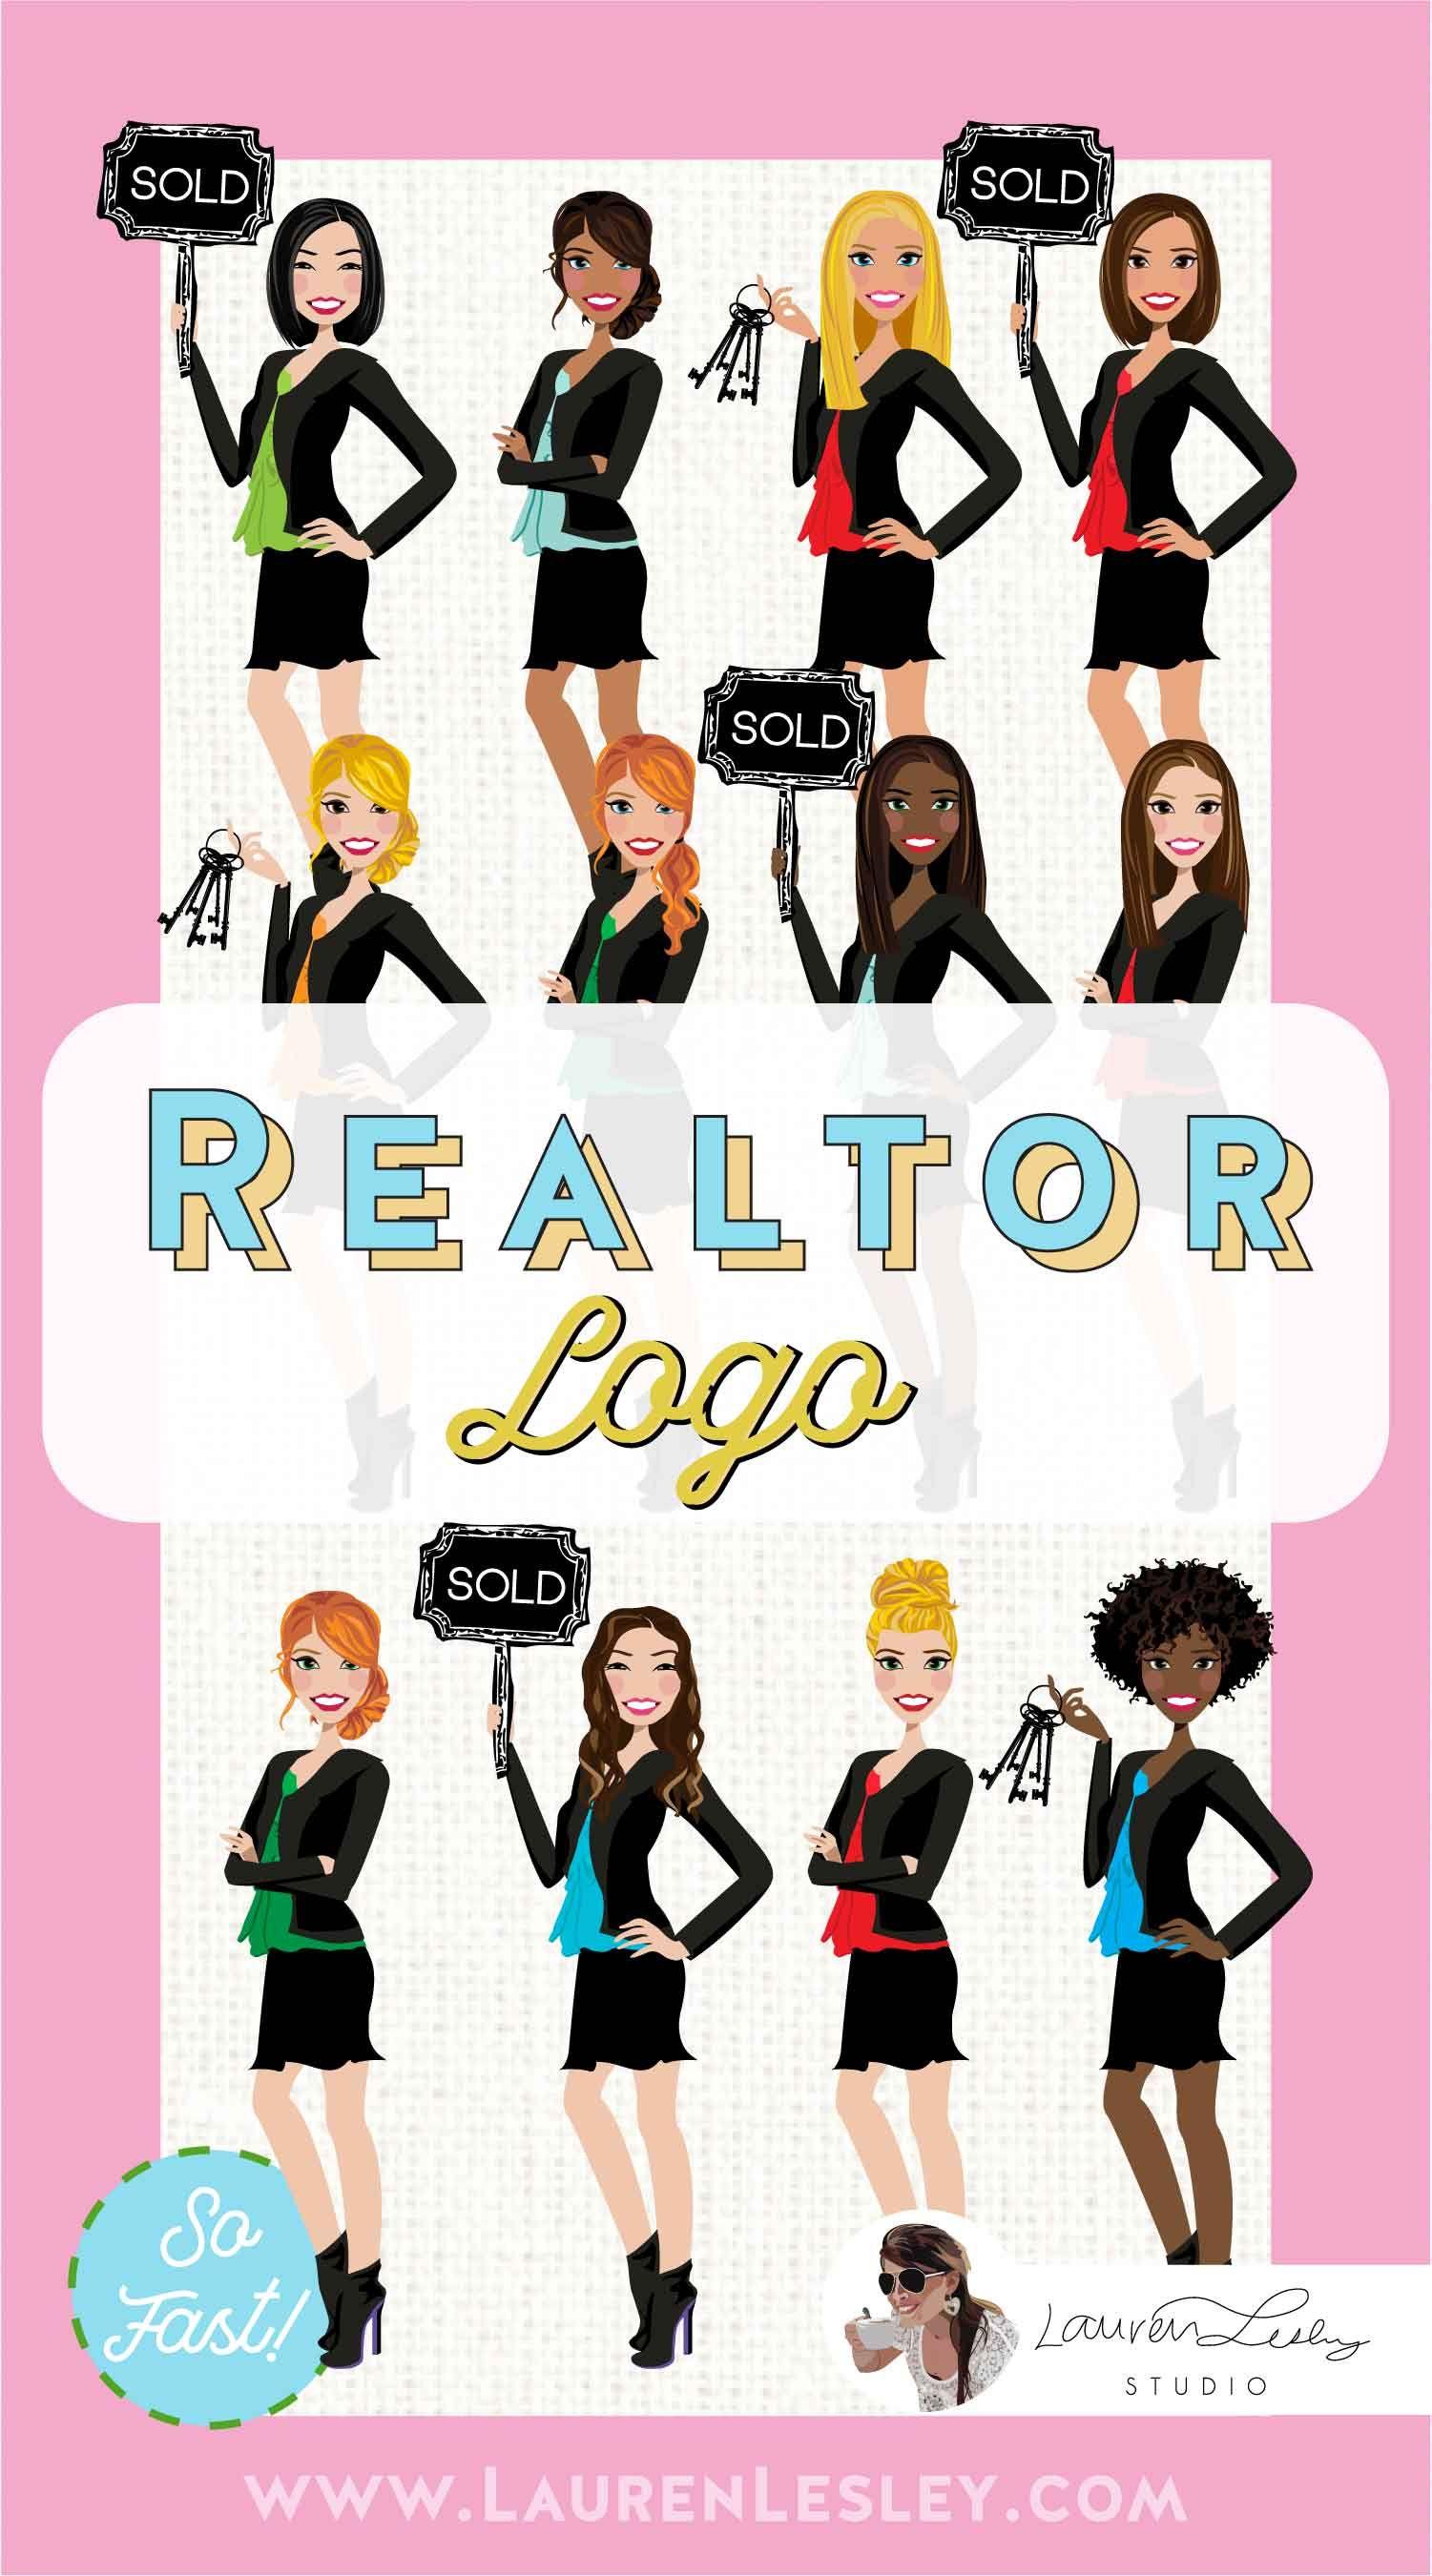 Custom Portrait Illustration of Realtor, Amber Marketing